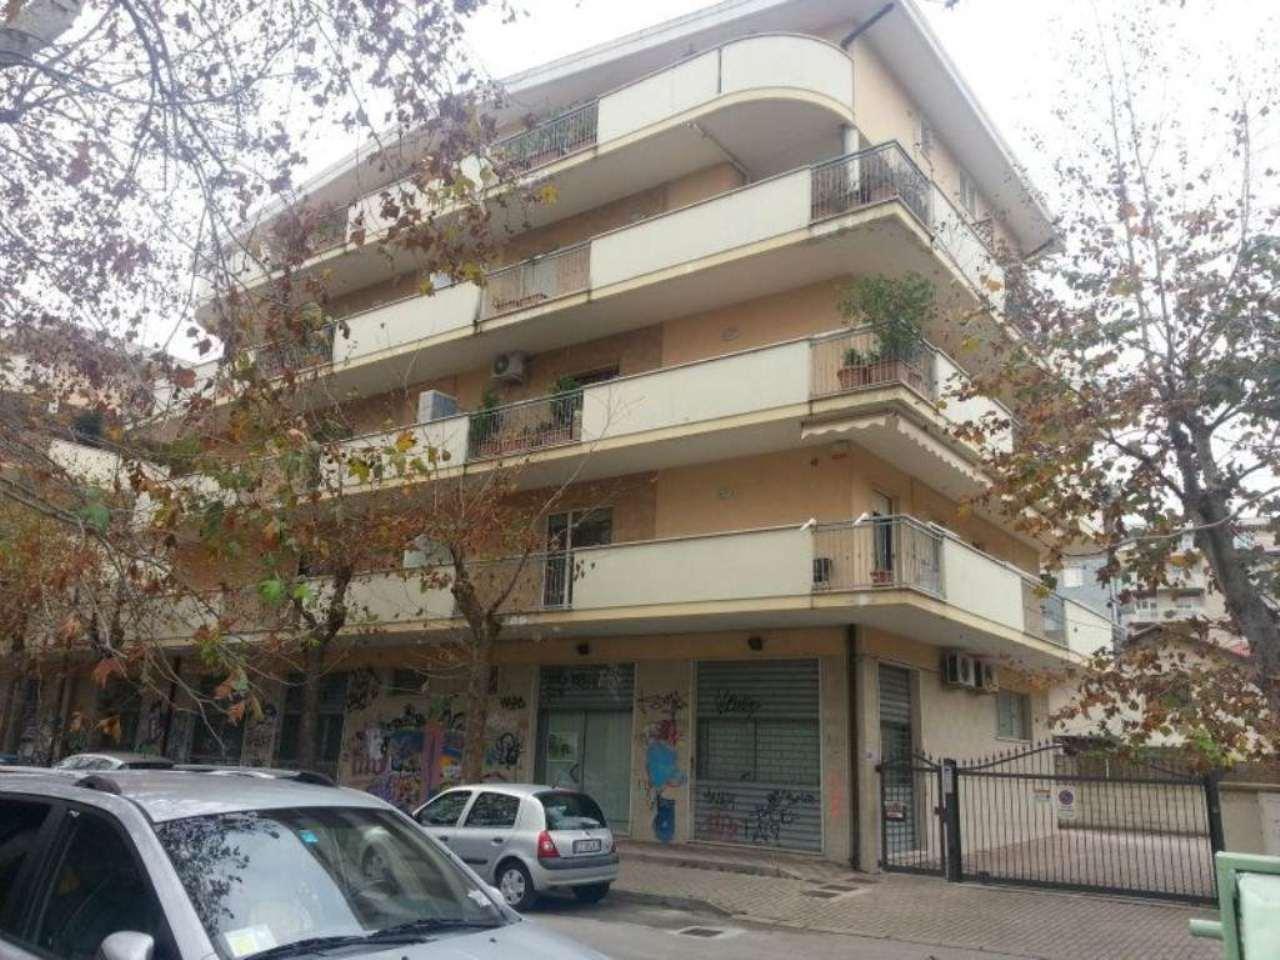 Negozio / Locale in vendita a Pescara, 2 locali, prezzo € 75.000 | Cambio Casa.it